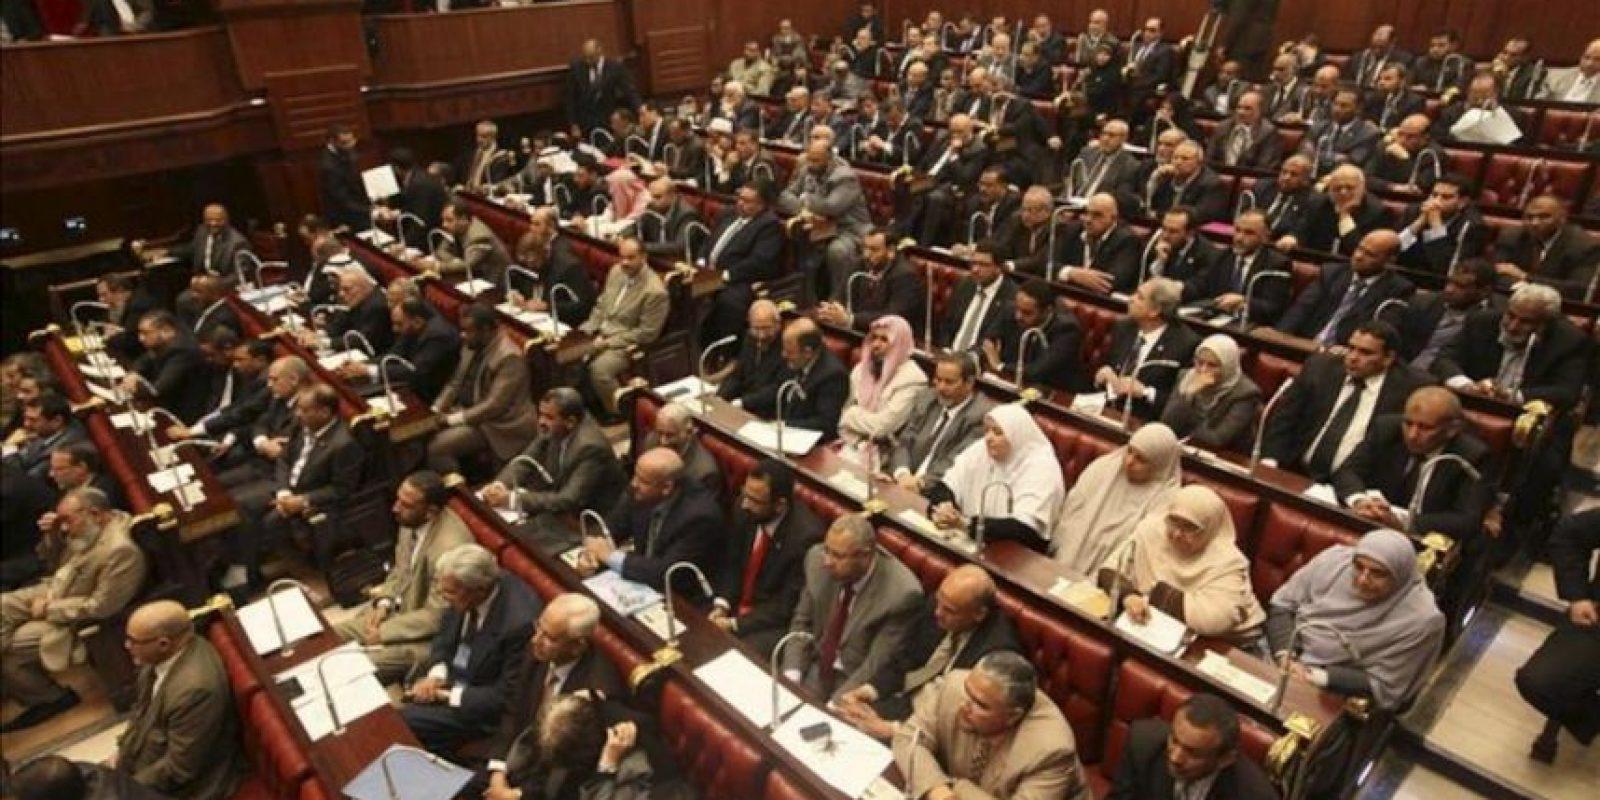 Vista general de los miembros del Consejo de la Shura (Cámara alta del Parlamento egipcio), durante la inauguración de sus sesiones tras asumir todo el poder legislativo, por primera vez en su historia, después de la aprobación de la nueva Constitución. EFE